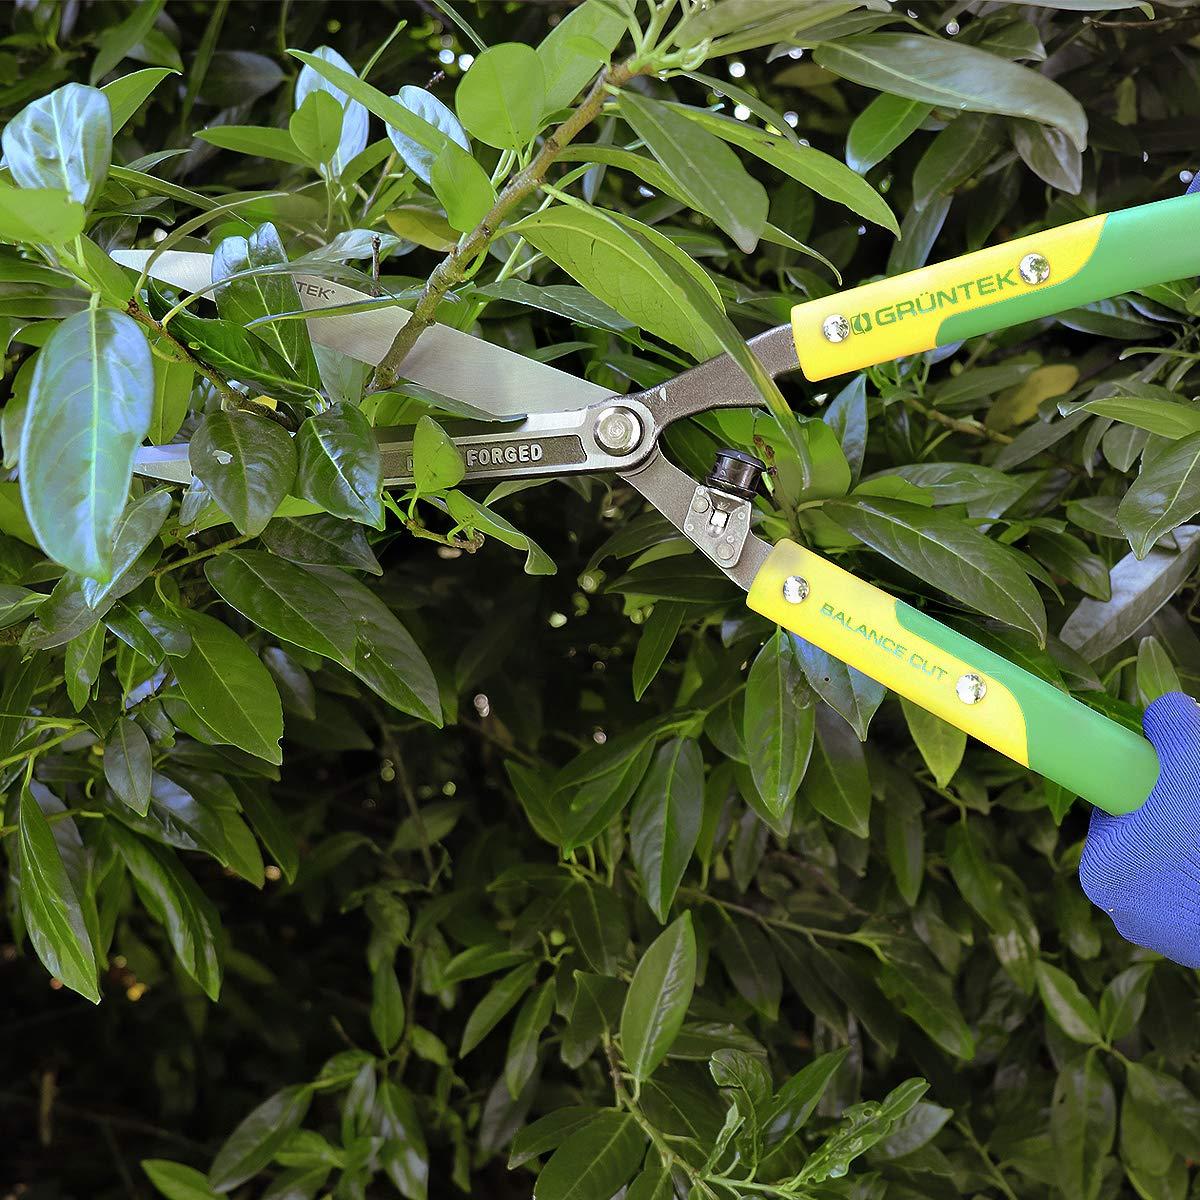 GRÜNTEK Tijeras cortasetos forjadas-Q 23/600 mm. Tijeras de jardín ...